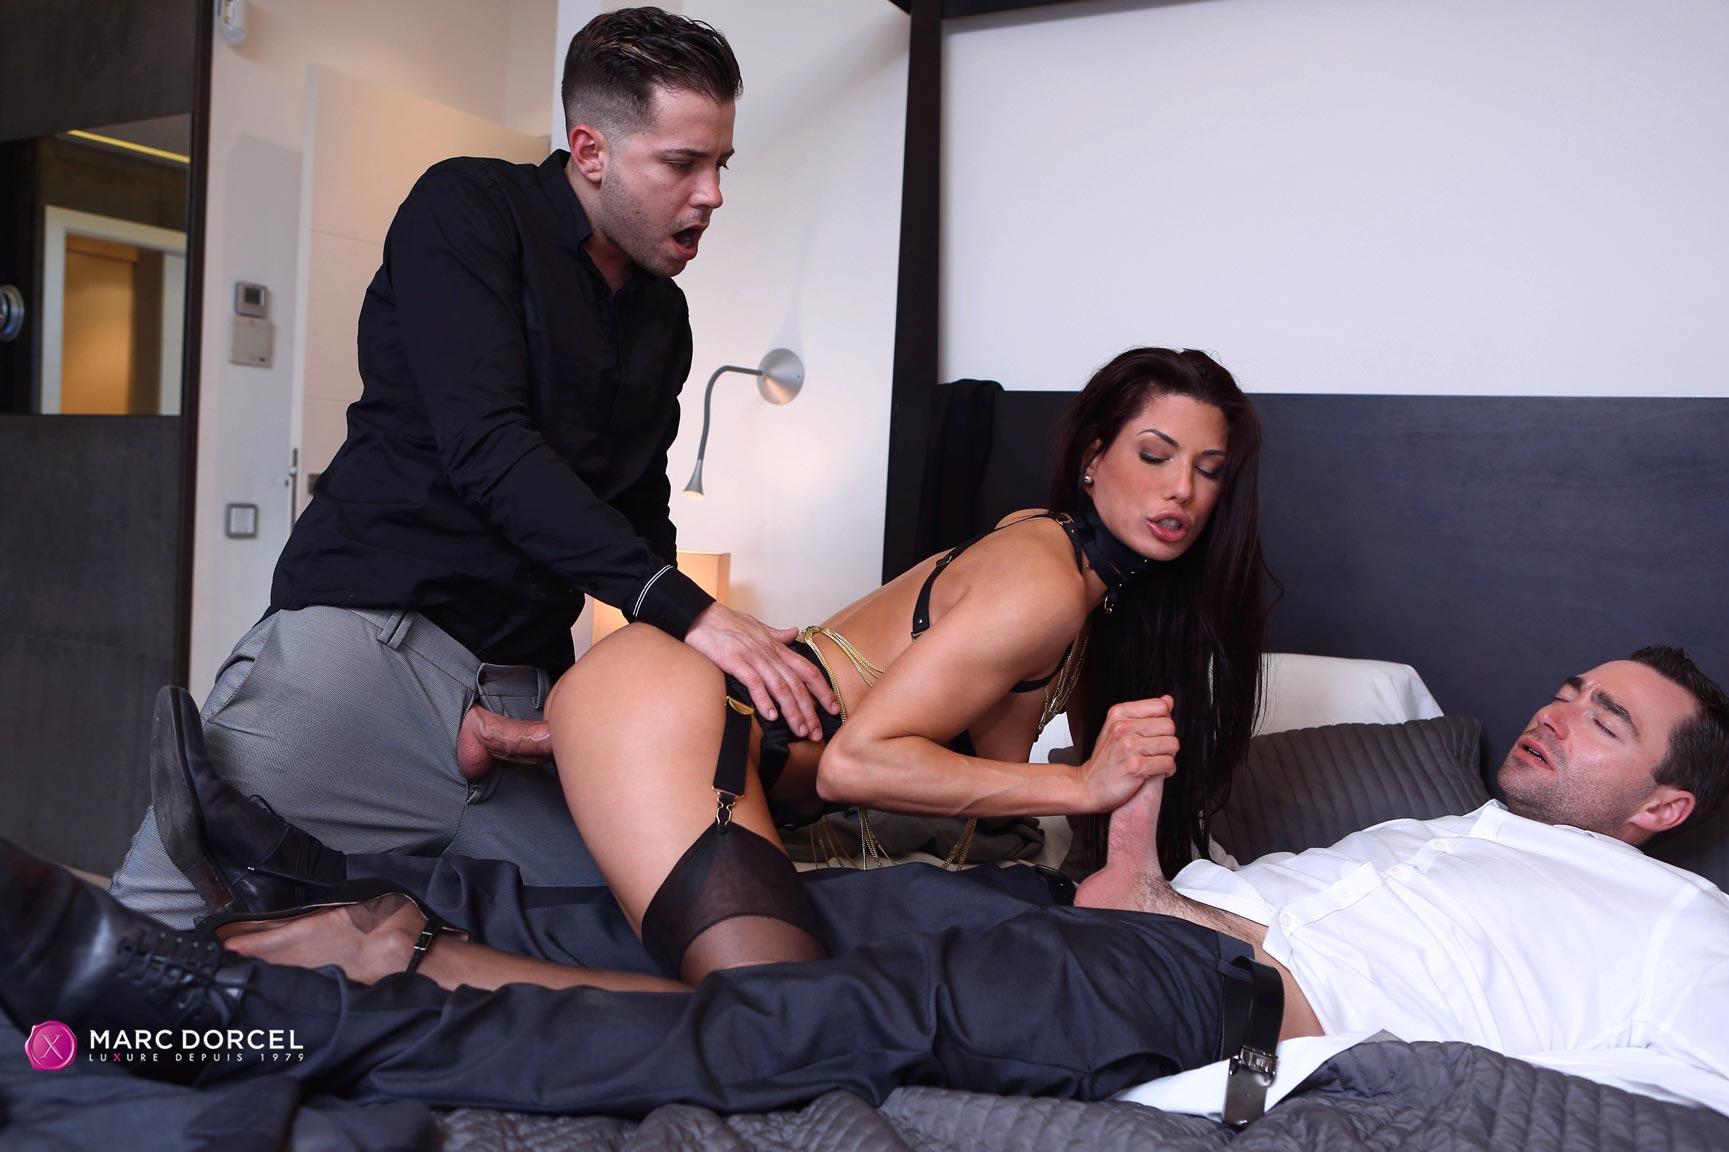 Cumming deep in his ass